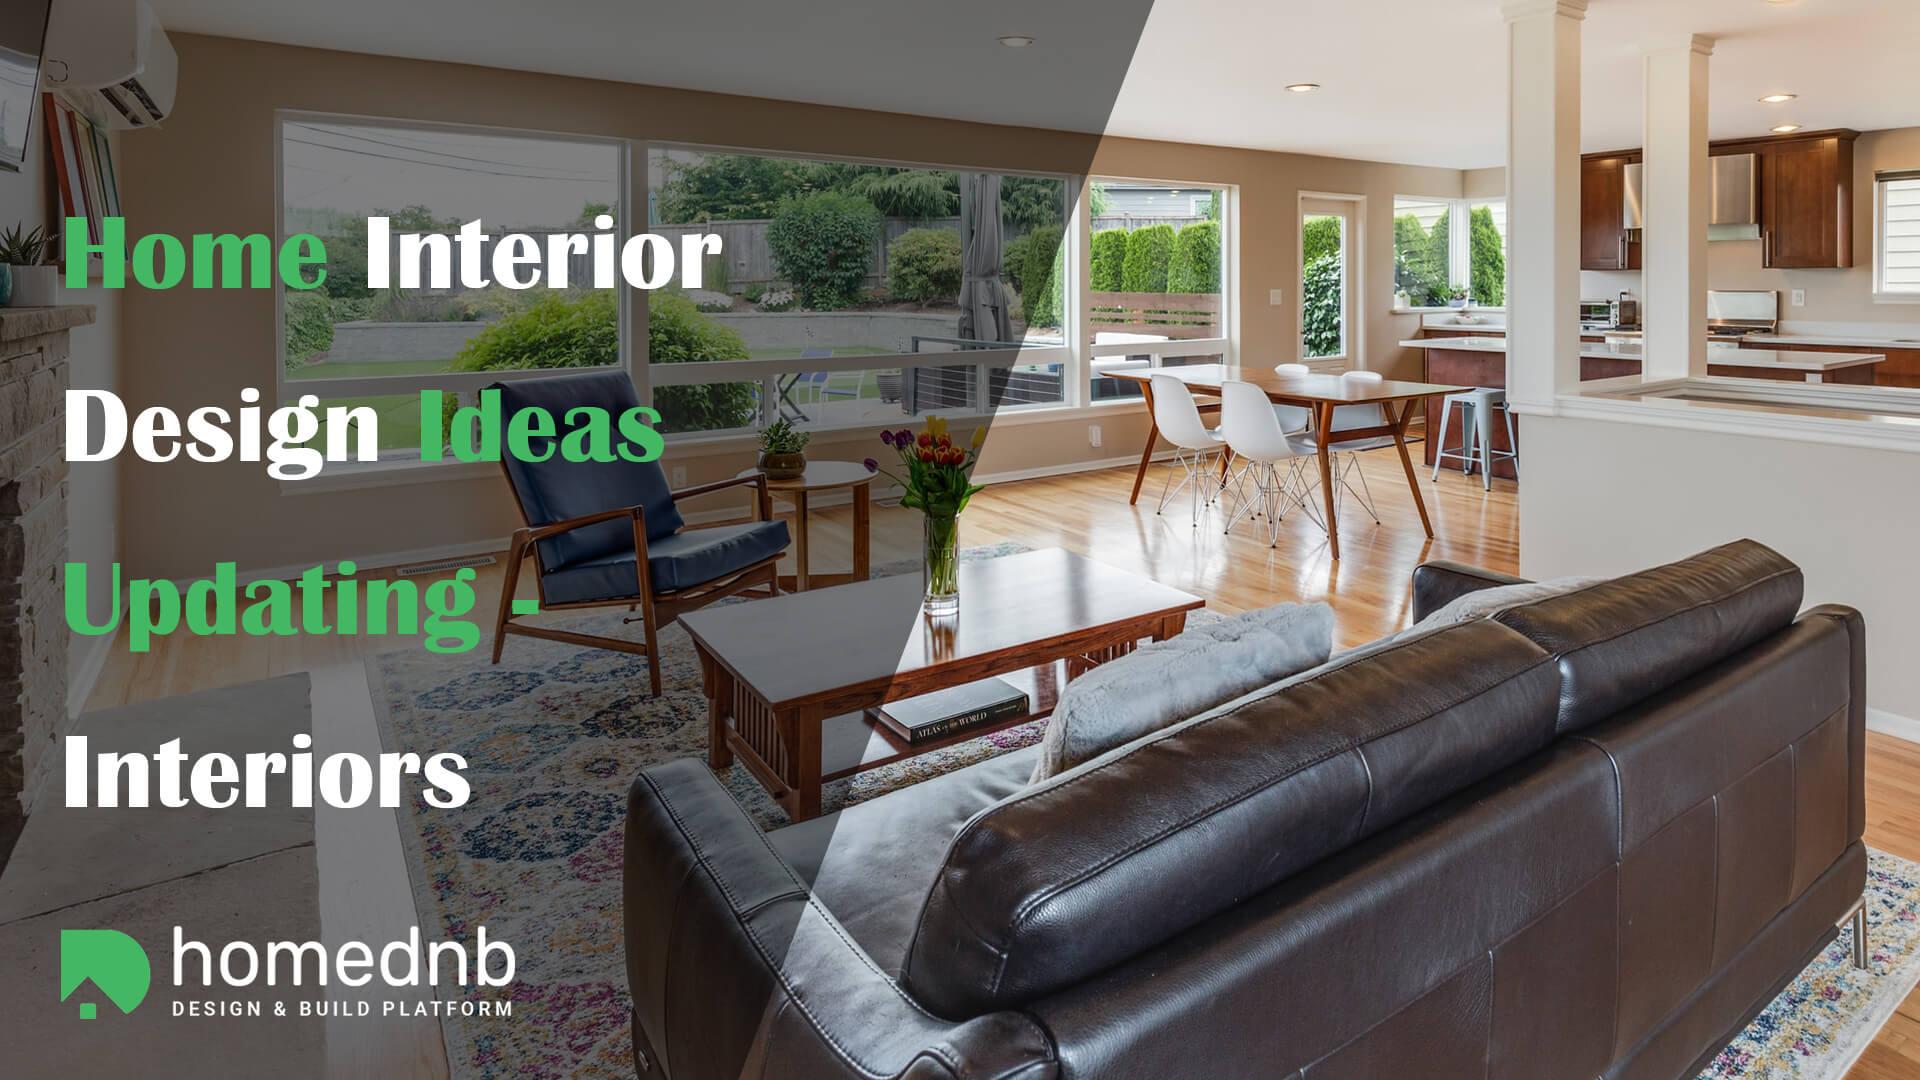 Home Interior Design Ideas- Updating Interior